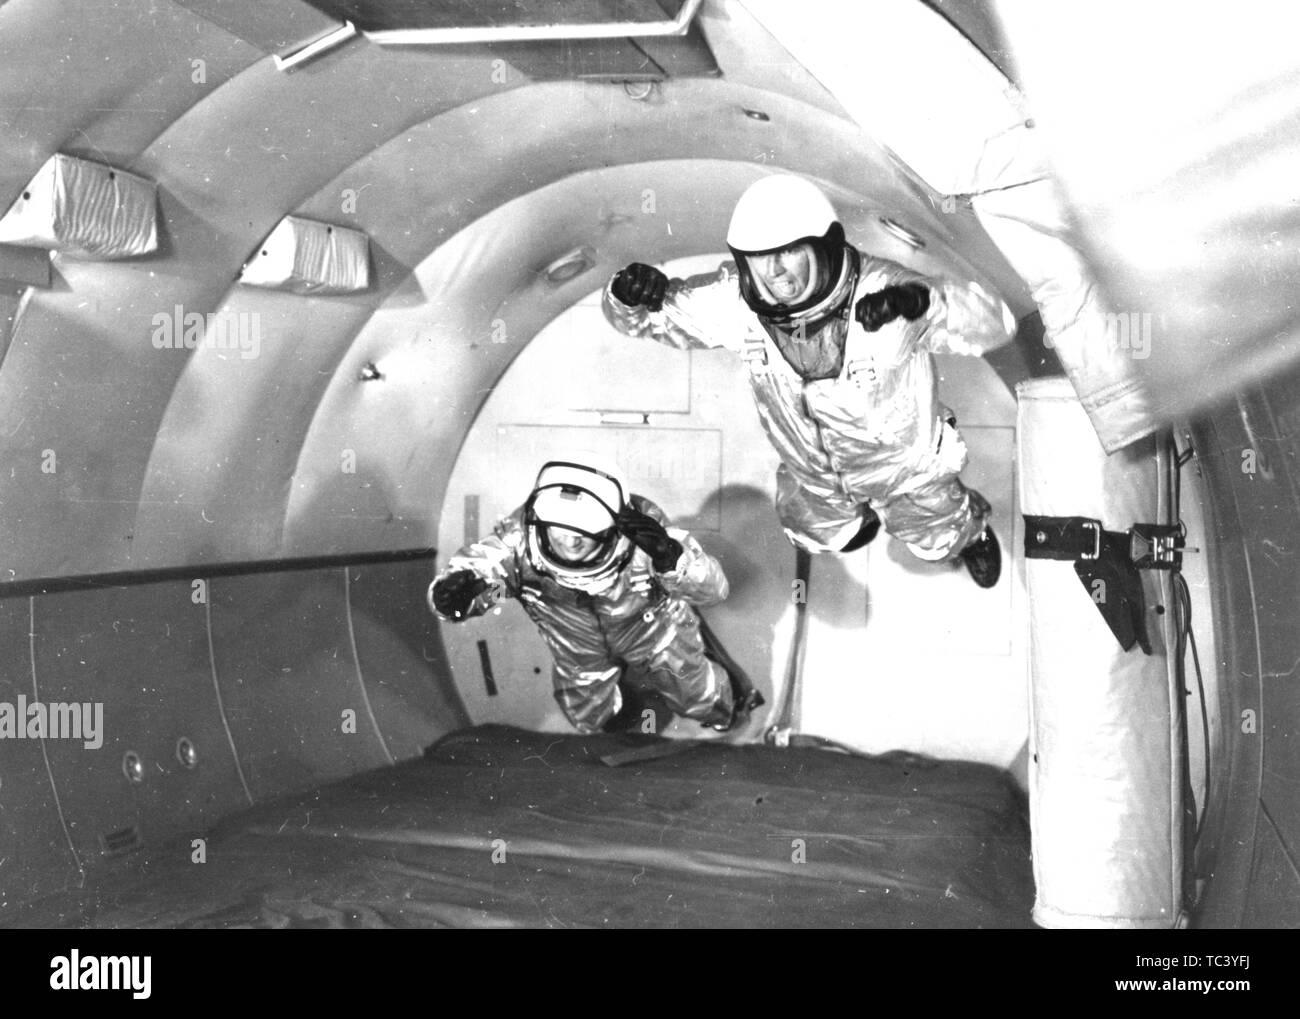 Les astronautes en apesanteur simulée de mercure en vol C-131 appareils volant à trajectoire Wright Air Development Center, Ohio, 1959. Droit avec la permission de la National Aeronautics and Space Administration (NASA). () Photo Stock